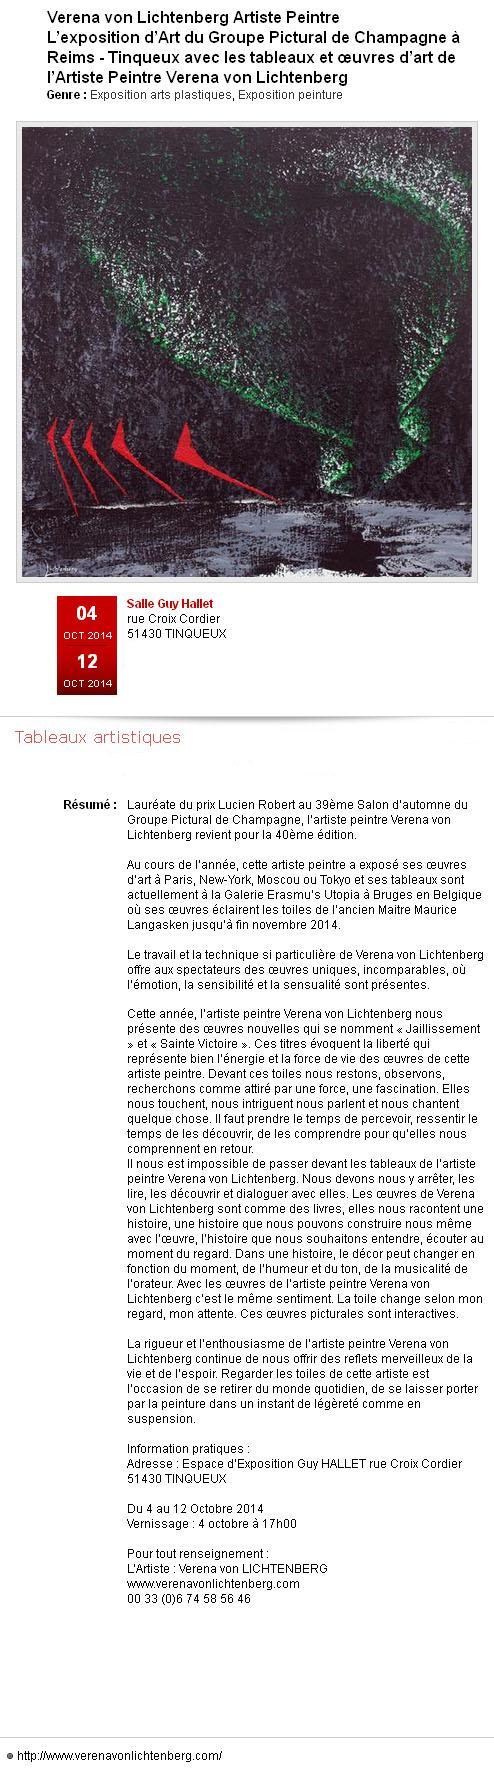 Presse verena von lichtenberg artiste peintre et l exposition d art pictural de champagne une exposition a tinqueux reims